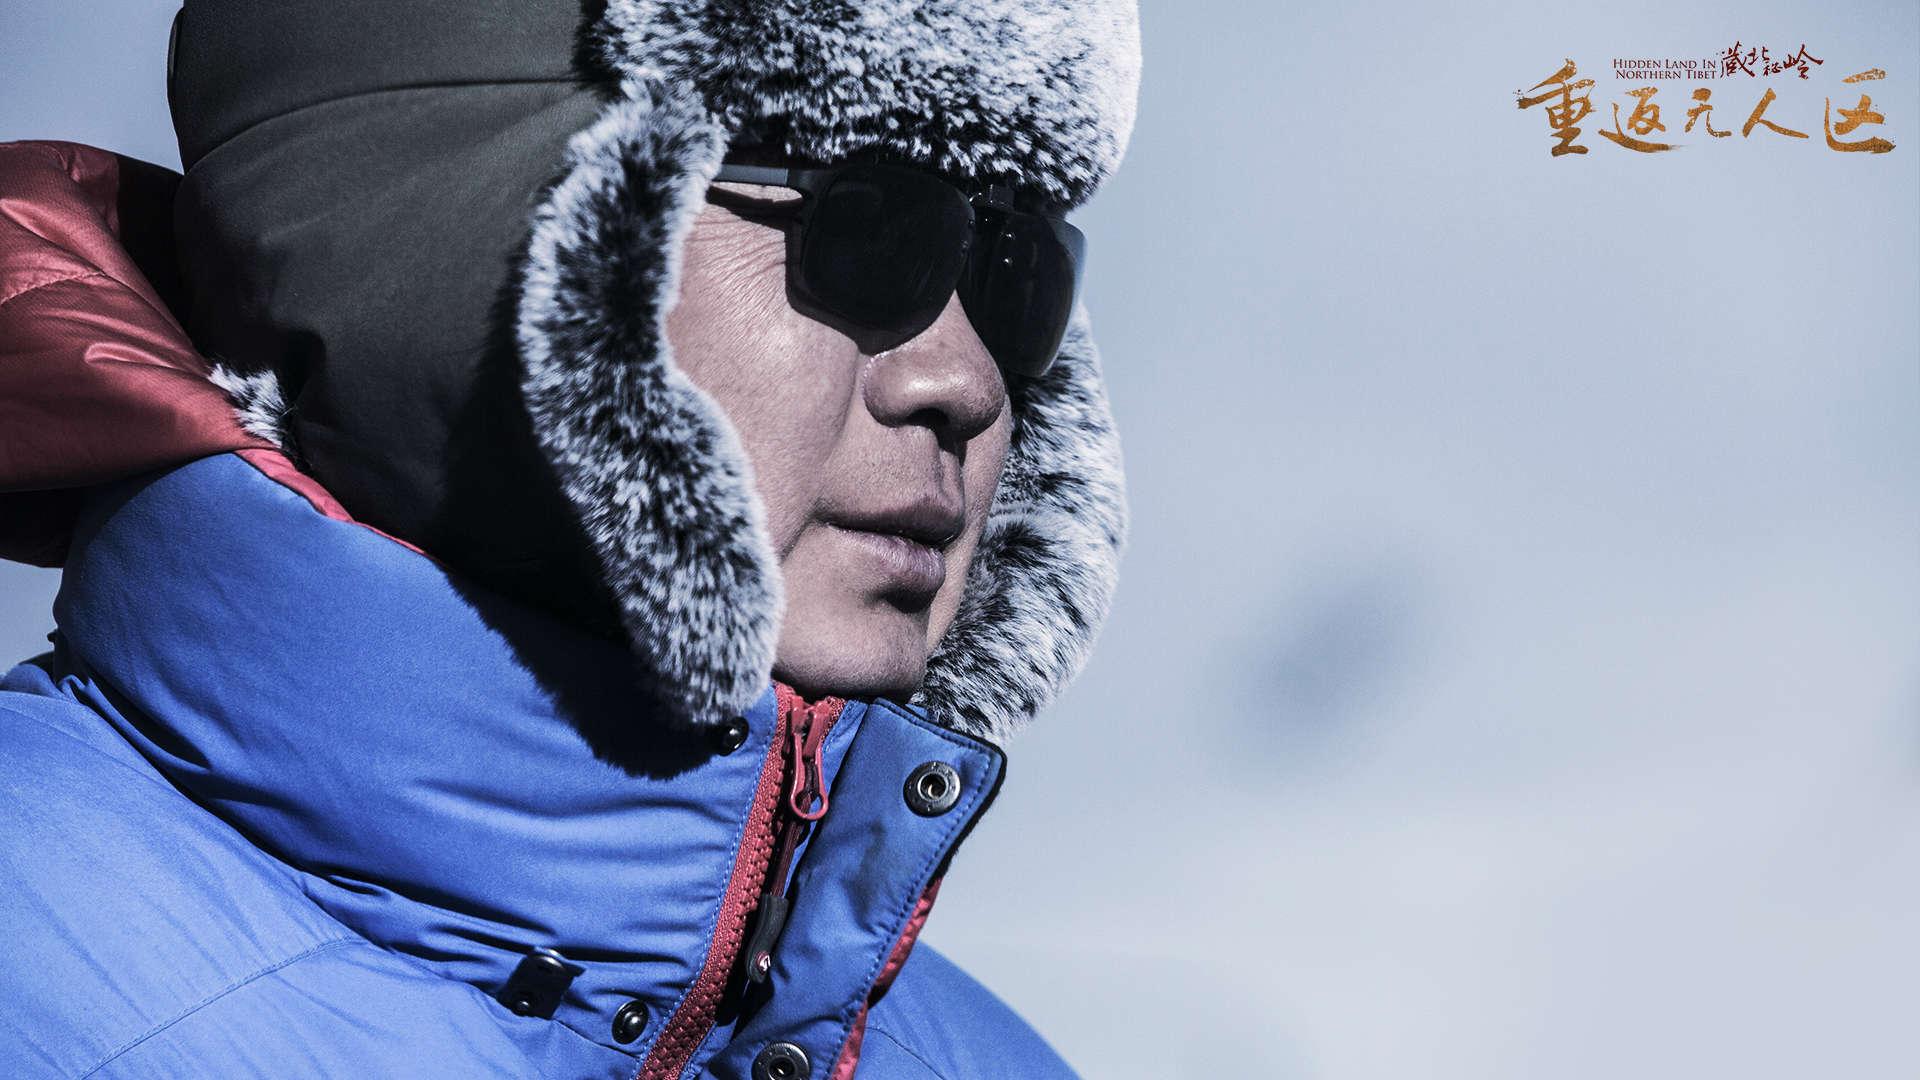 《藏北秘岭-重返无人区》除了电影带来的视觉震撼,这群电影人同样让人尊敬